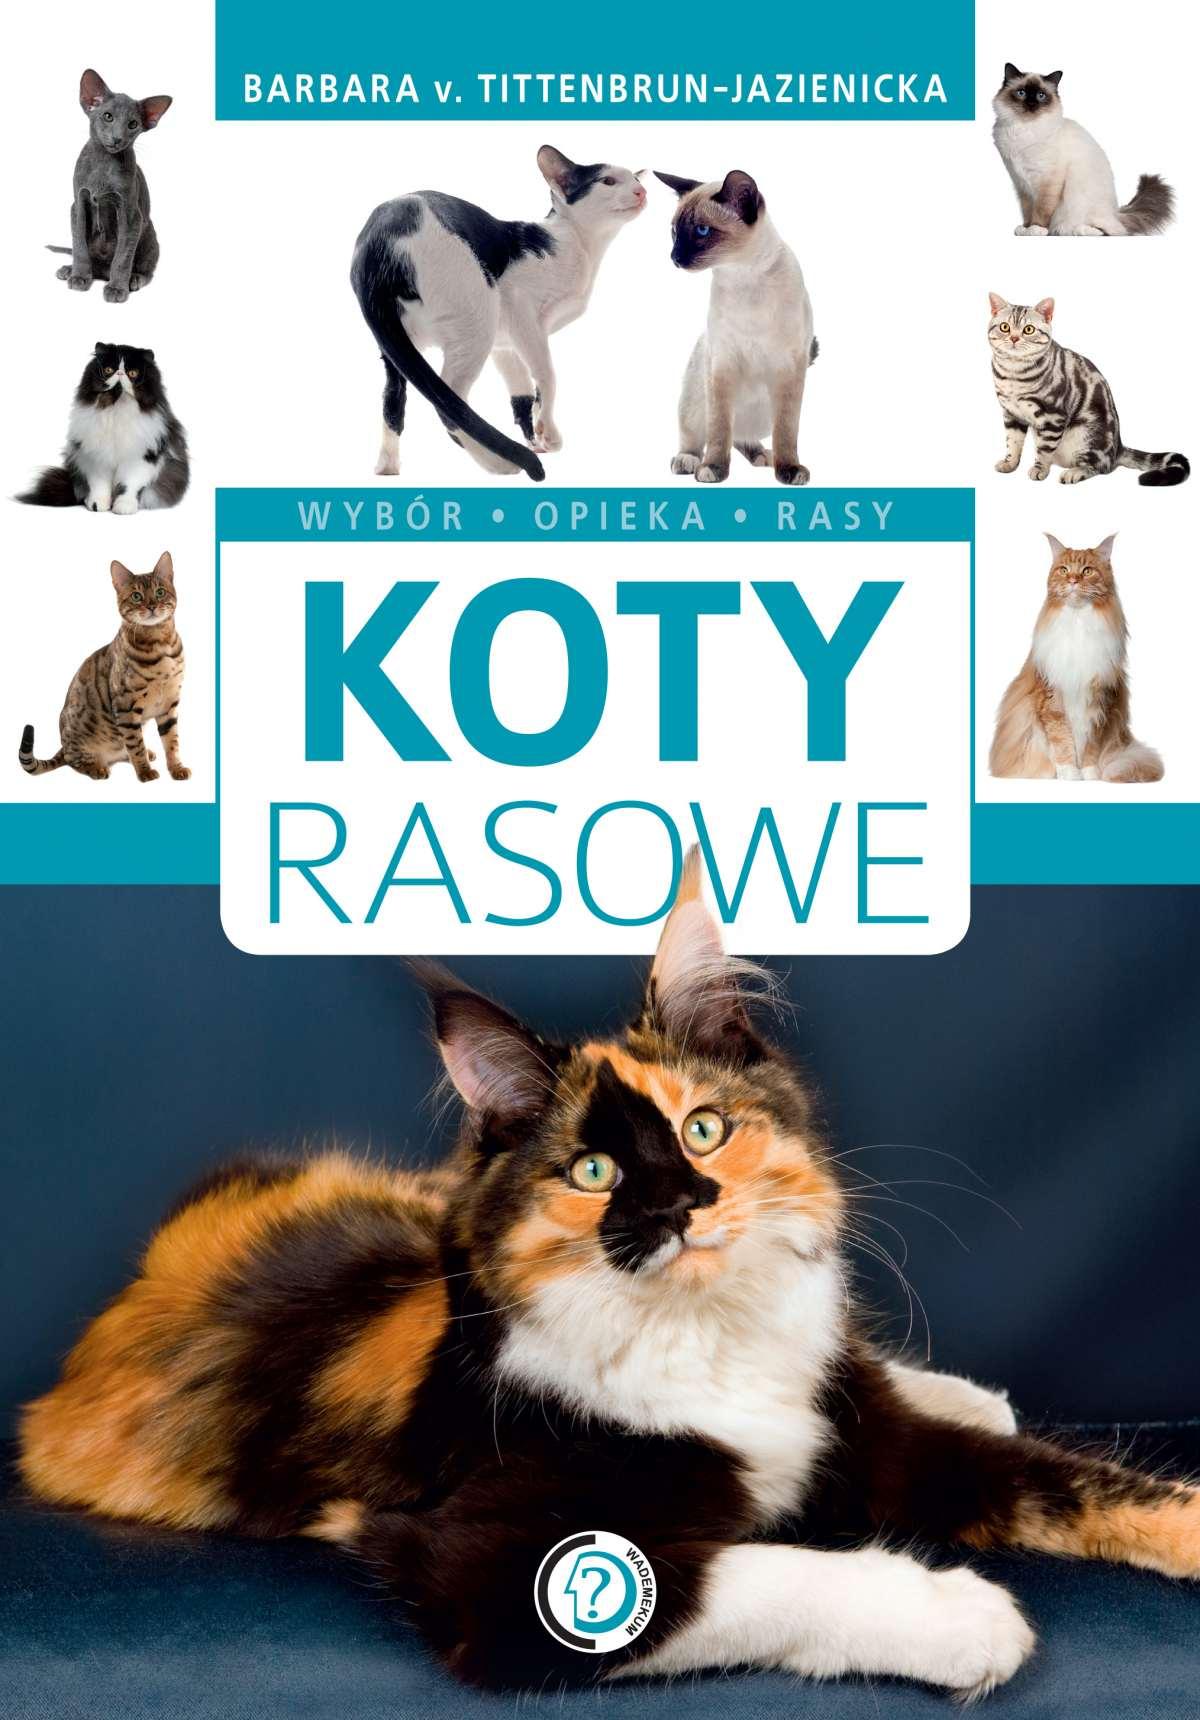 Koty rasowe - Ebook (Książka PDF) do pobrania w formacie PDF